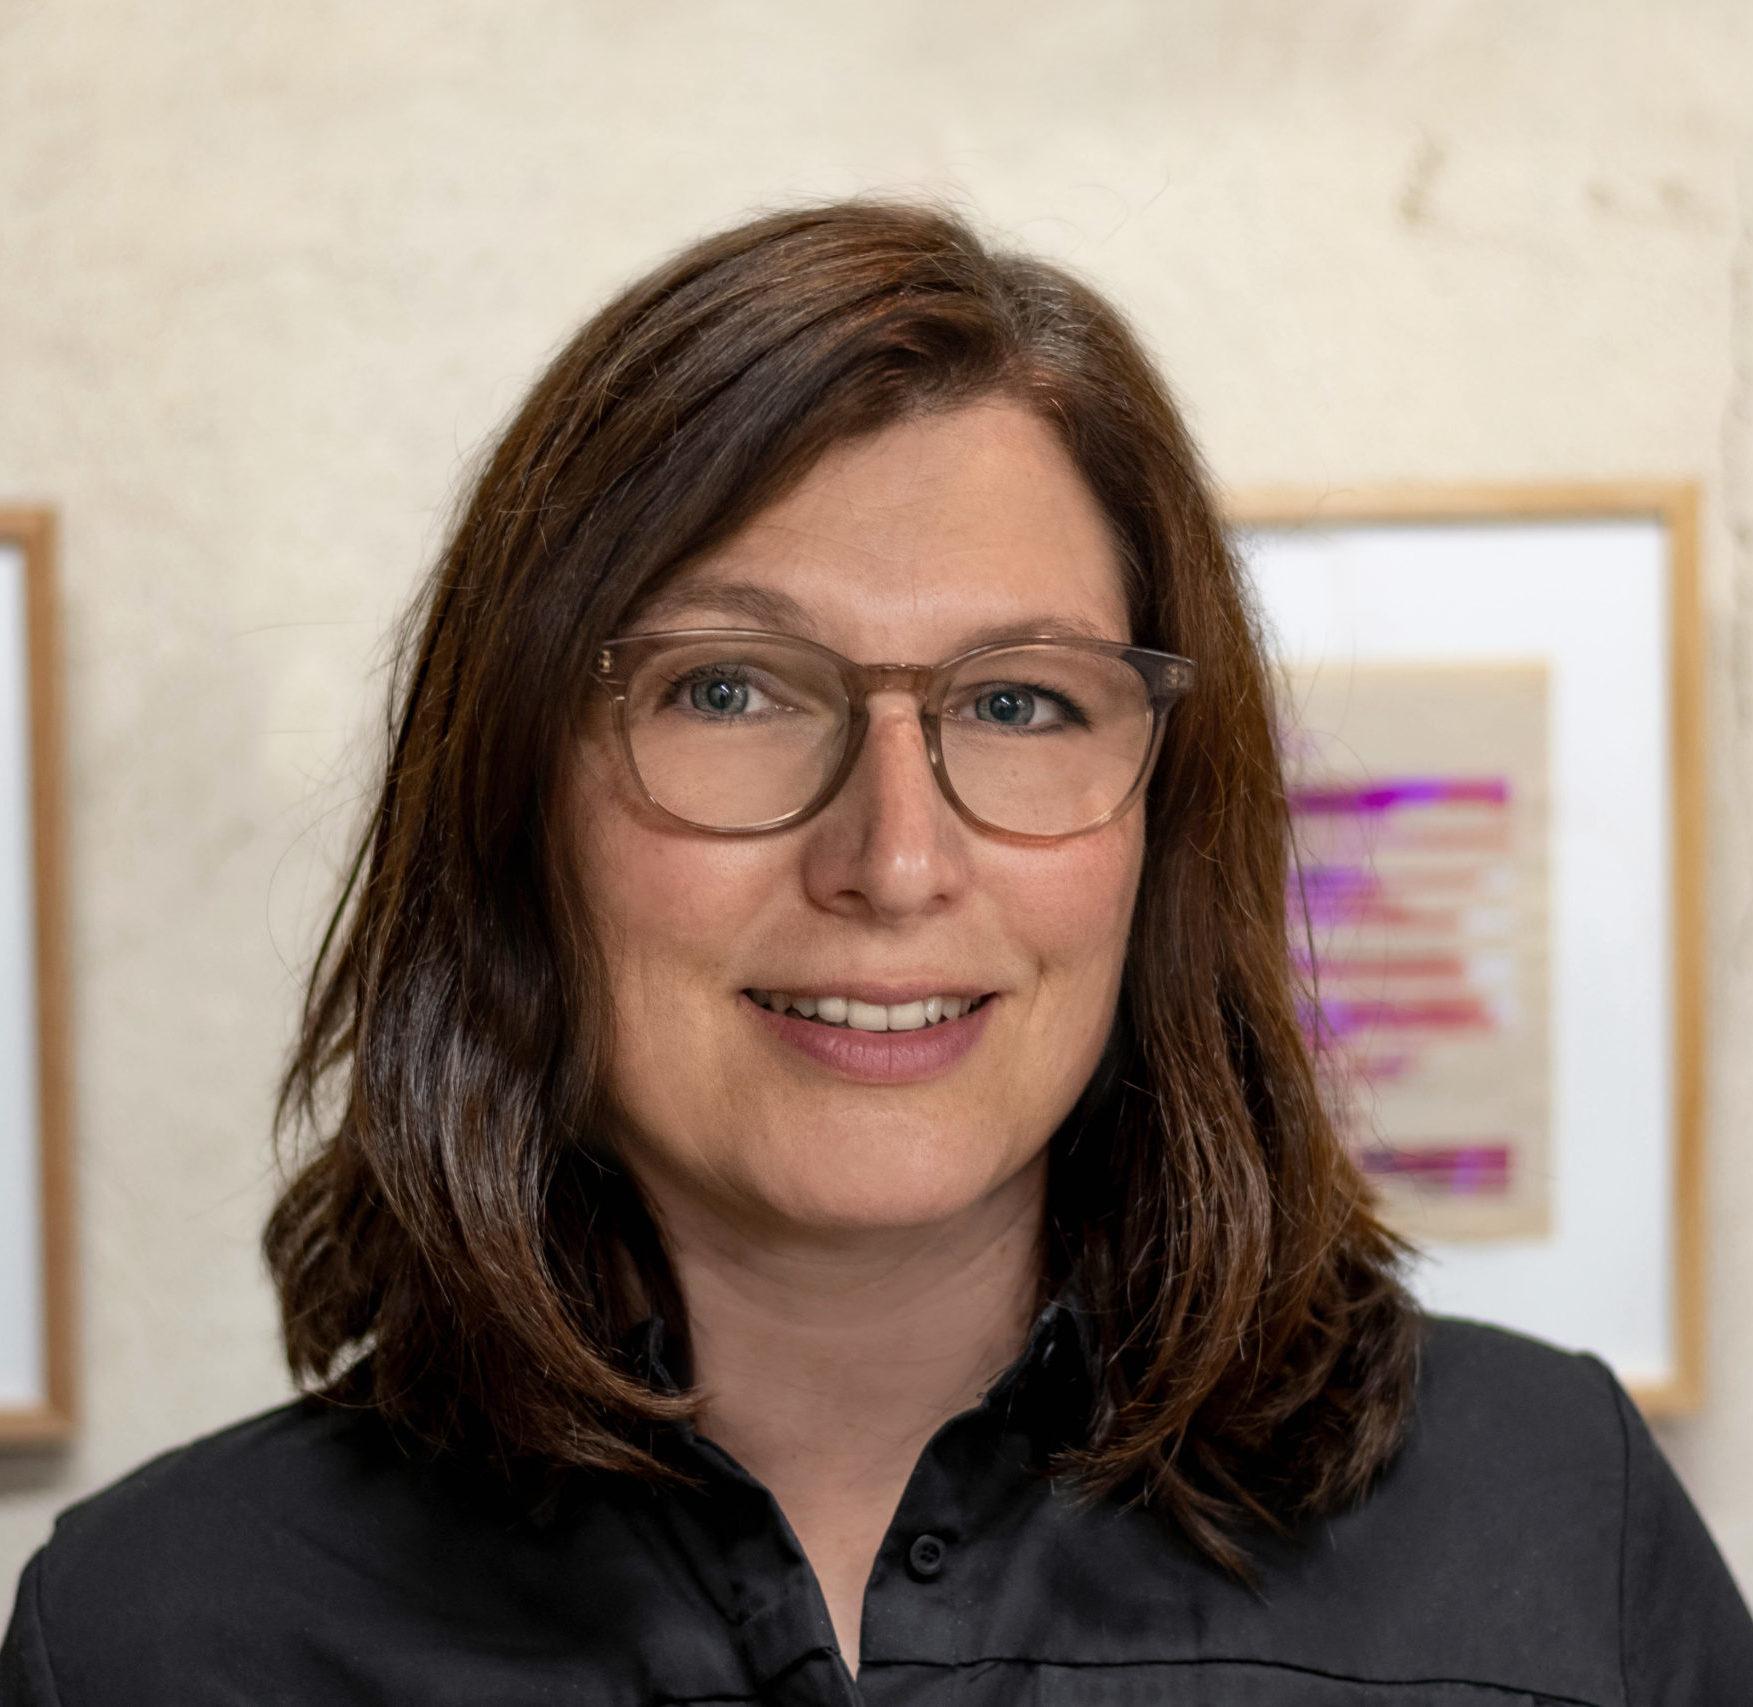 Vereinsmitglied Anke Köhler